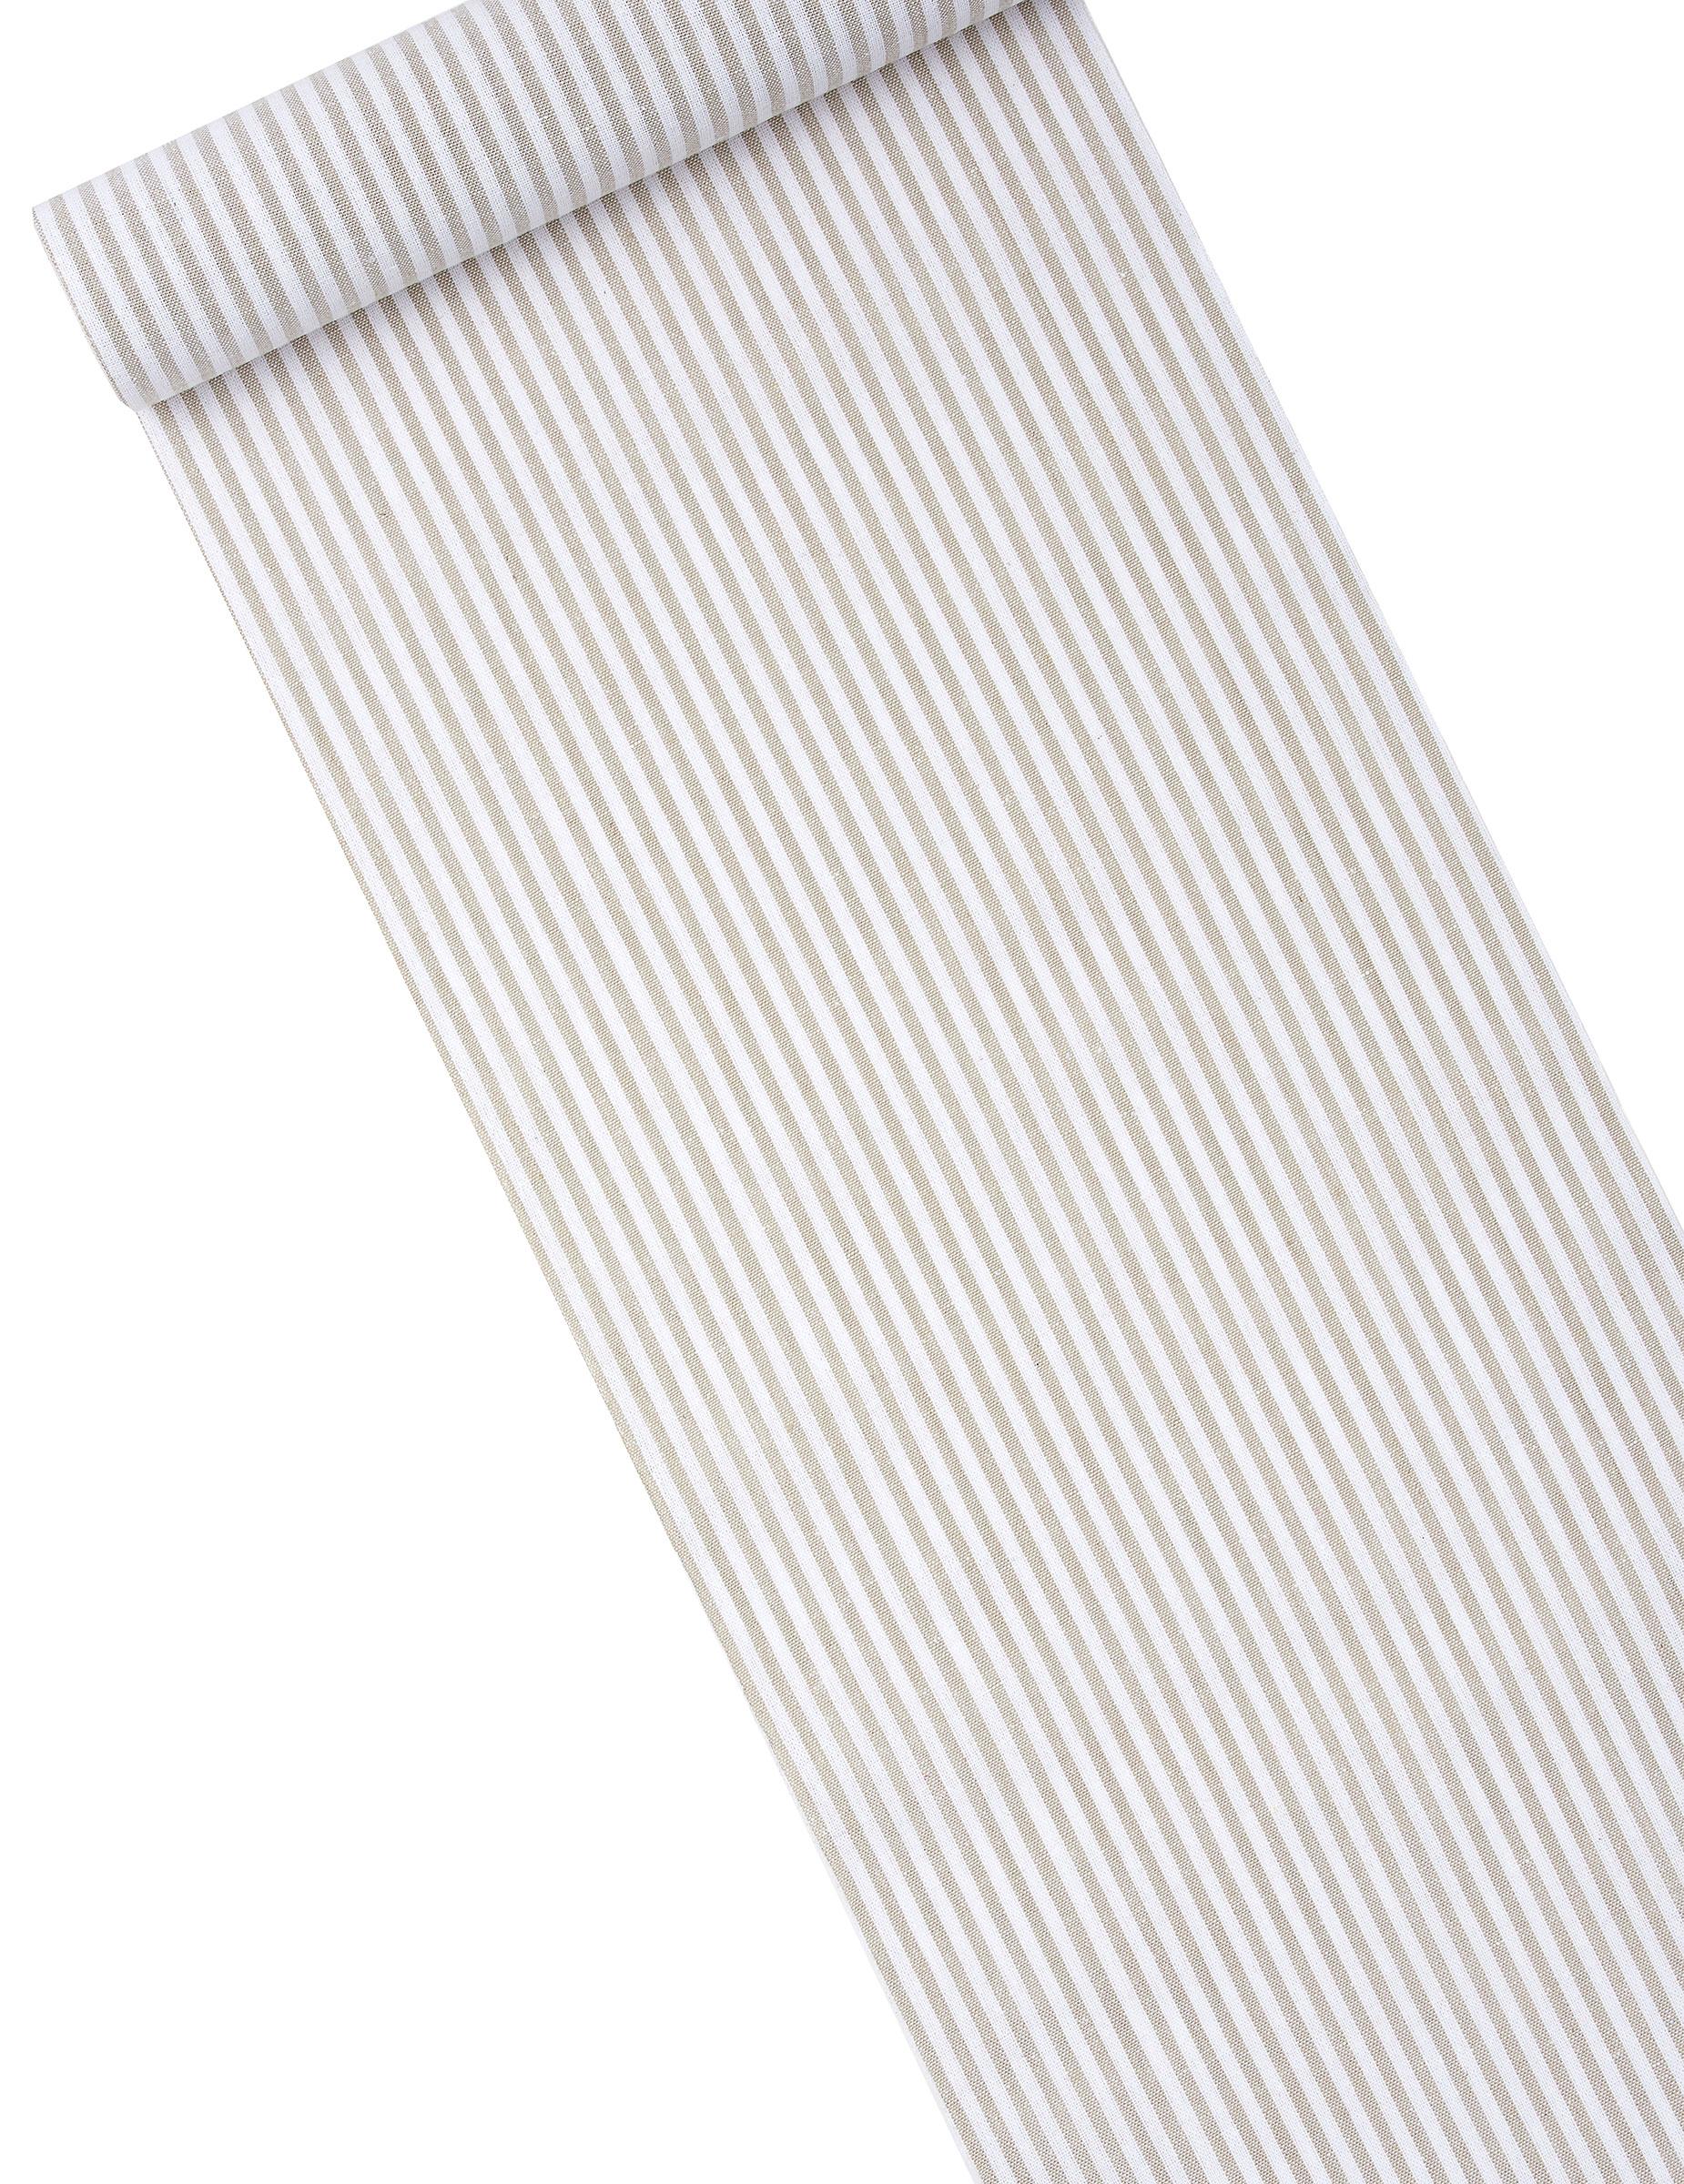 Chemin de table lin ray taupe et blanc 28 cm x 5 m tres d coration anniversaire et f tes - Chemin de table taupe ...